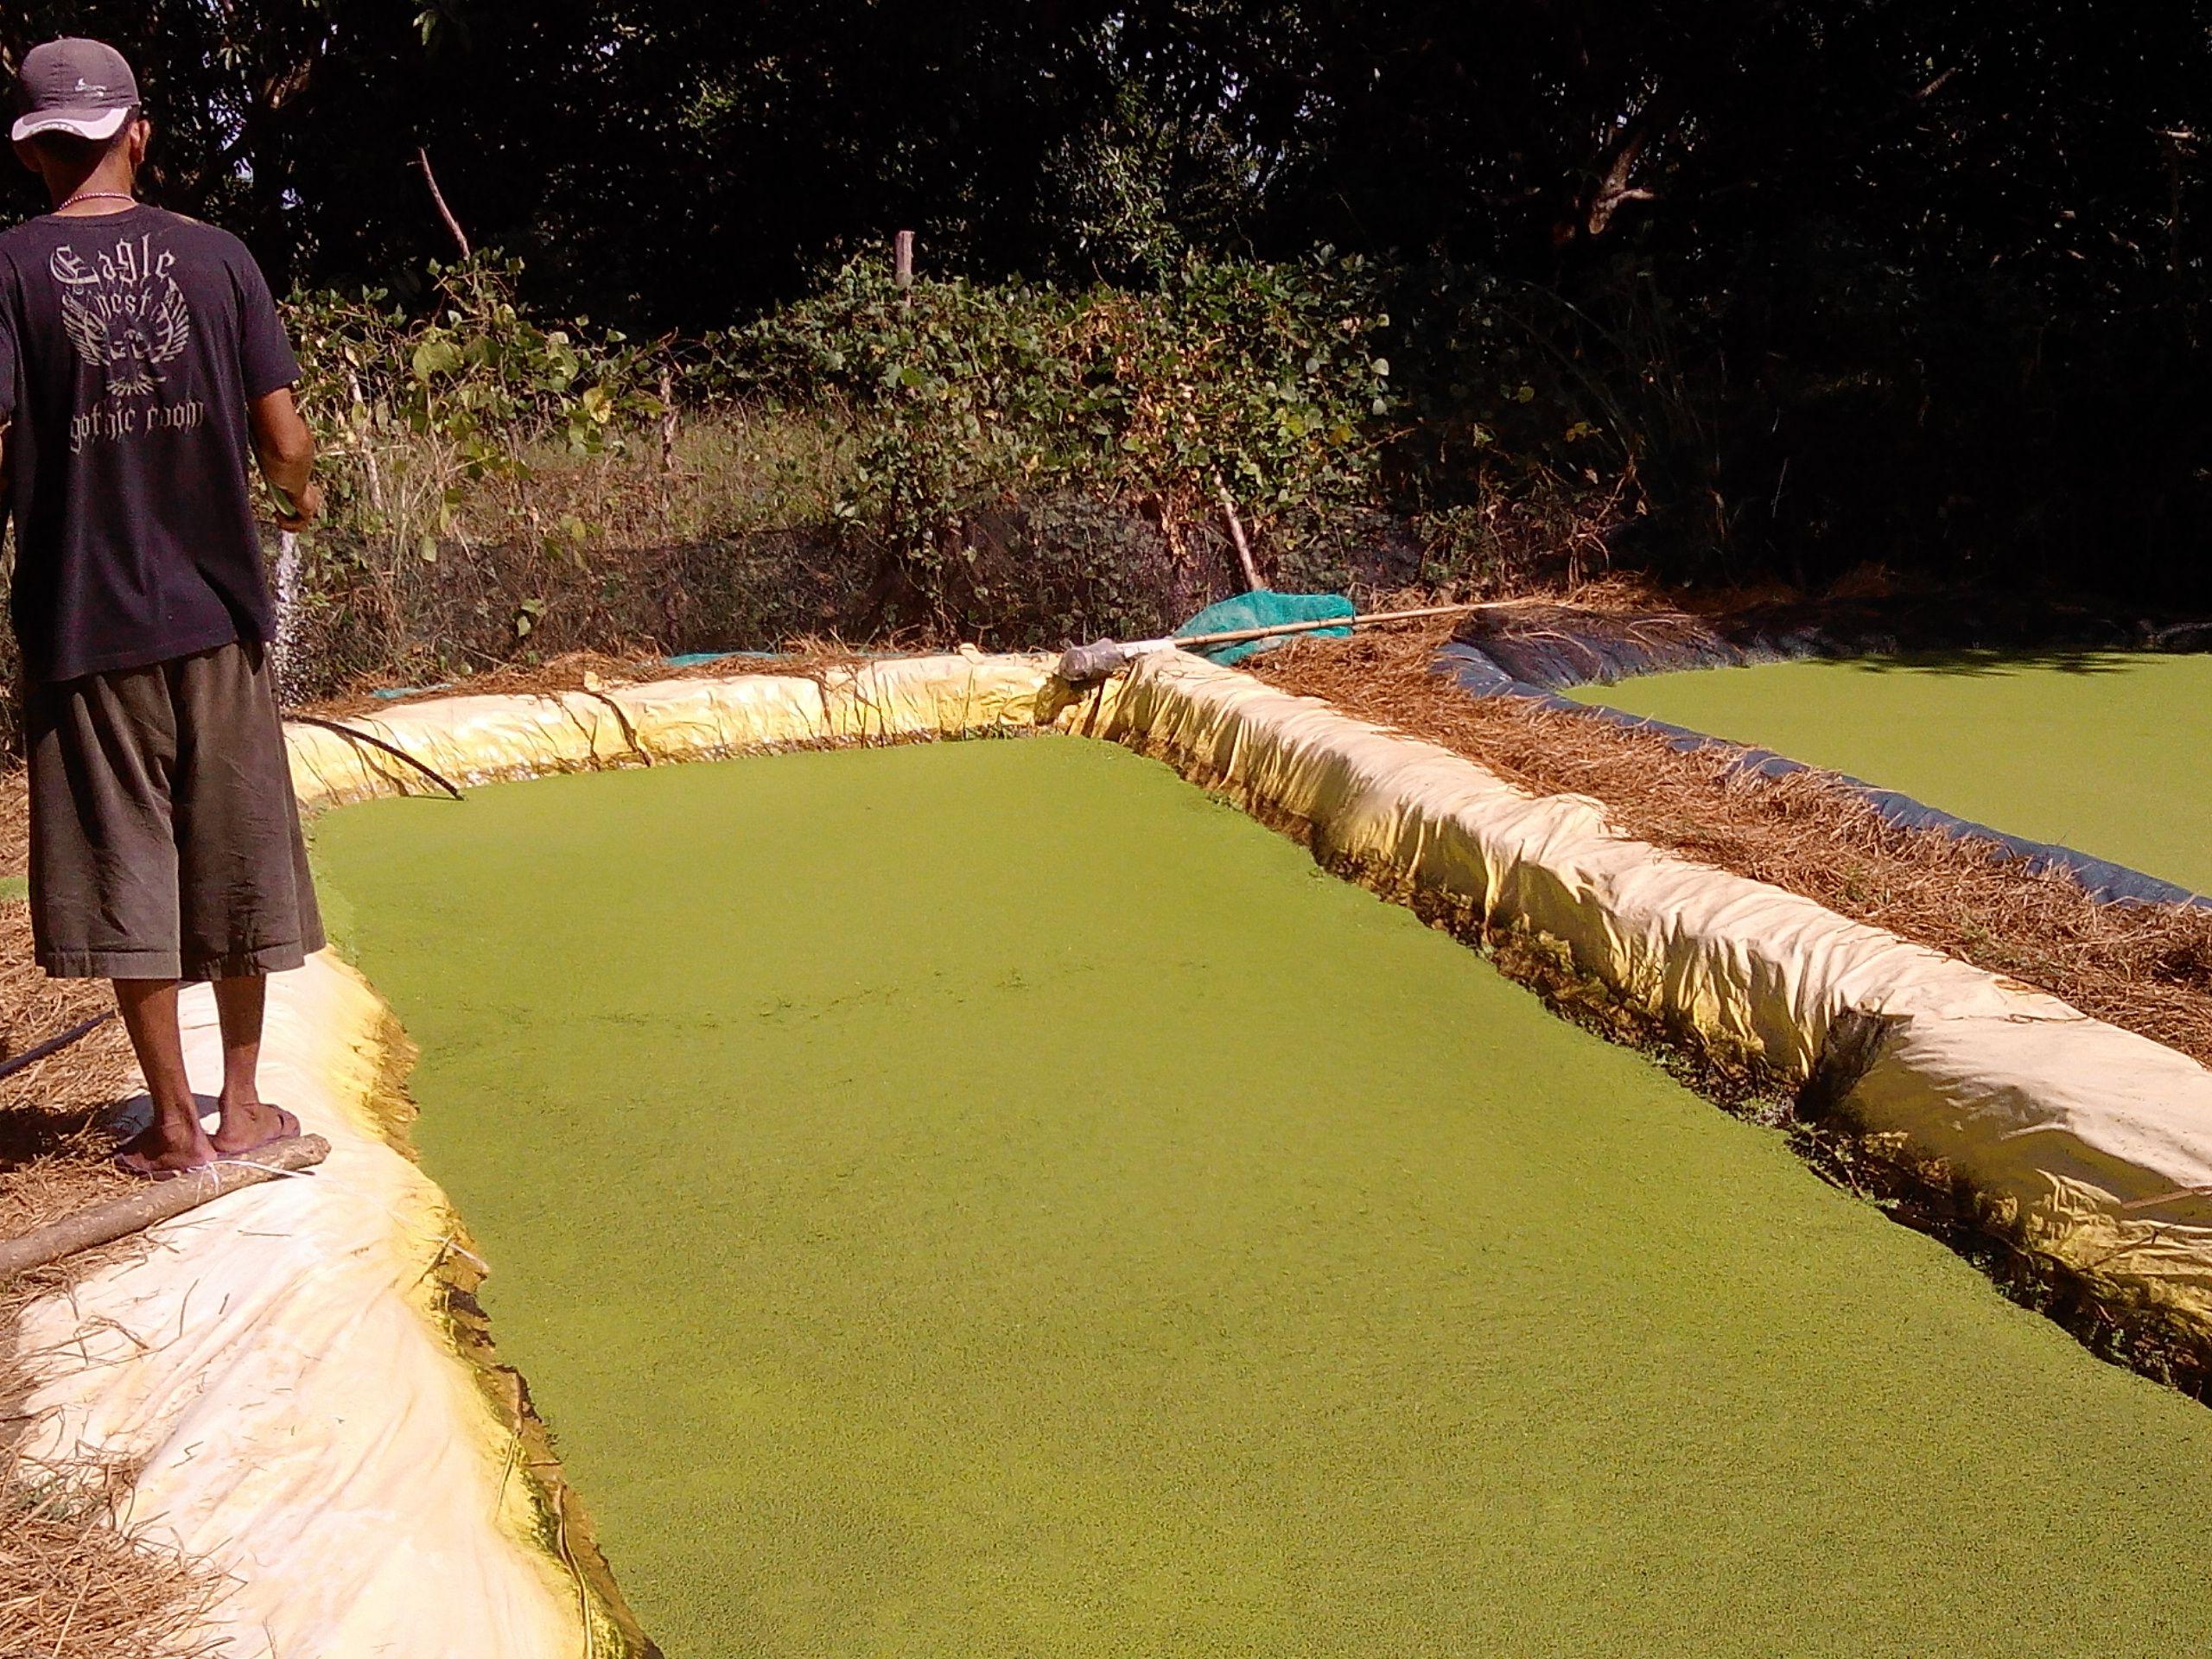 duckweed vertical farming google search duckweed u0026 azolla